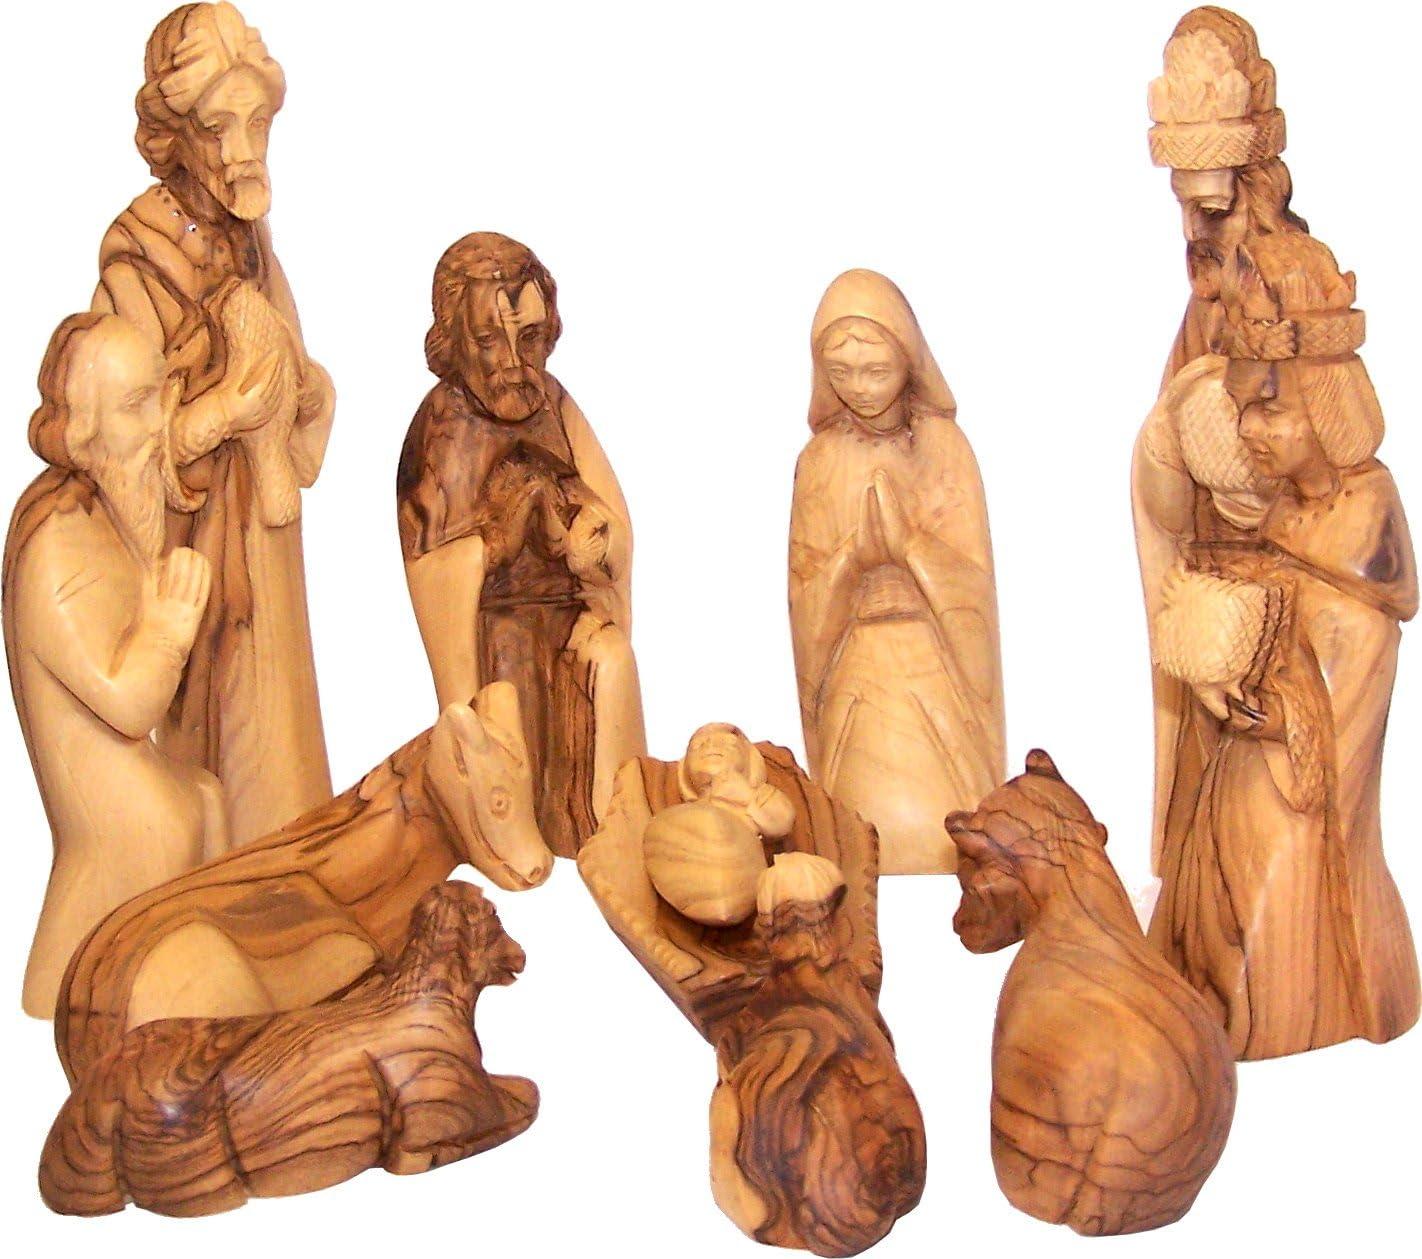 Holy Land Market Olivewood Nativity Set- Large 12 pcs – Large Size